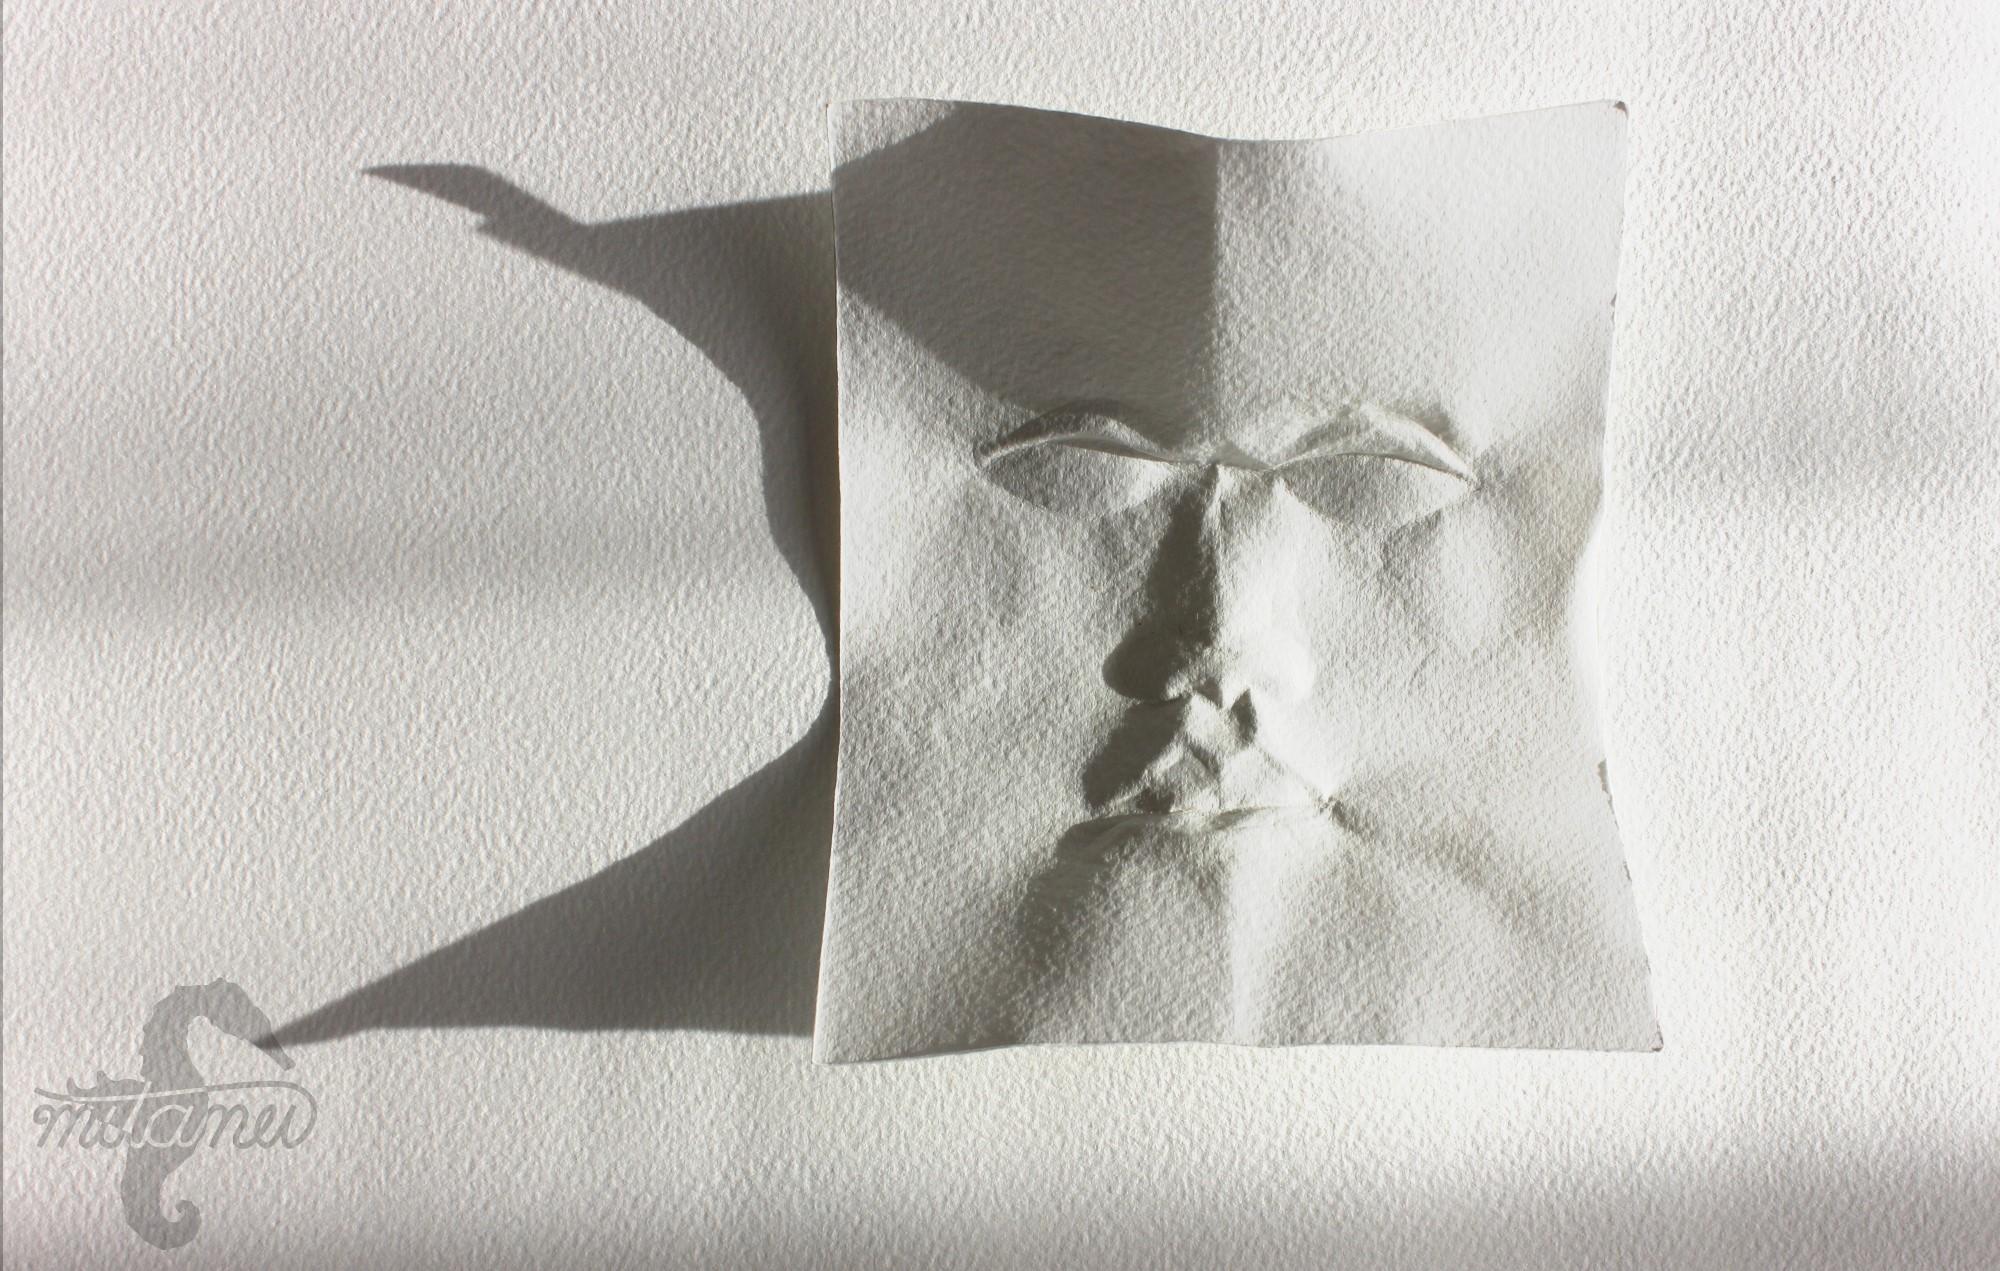 Origami Möbel hintergrundbilder gesicht zeichnung weiß origami papier